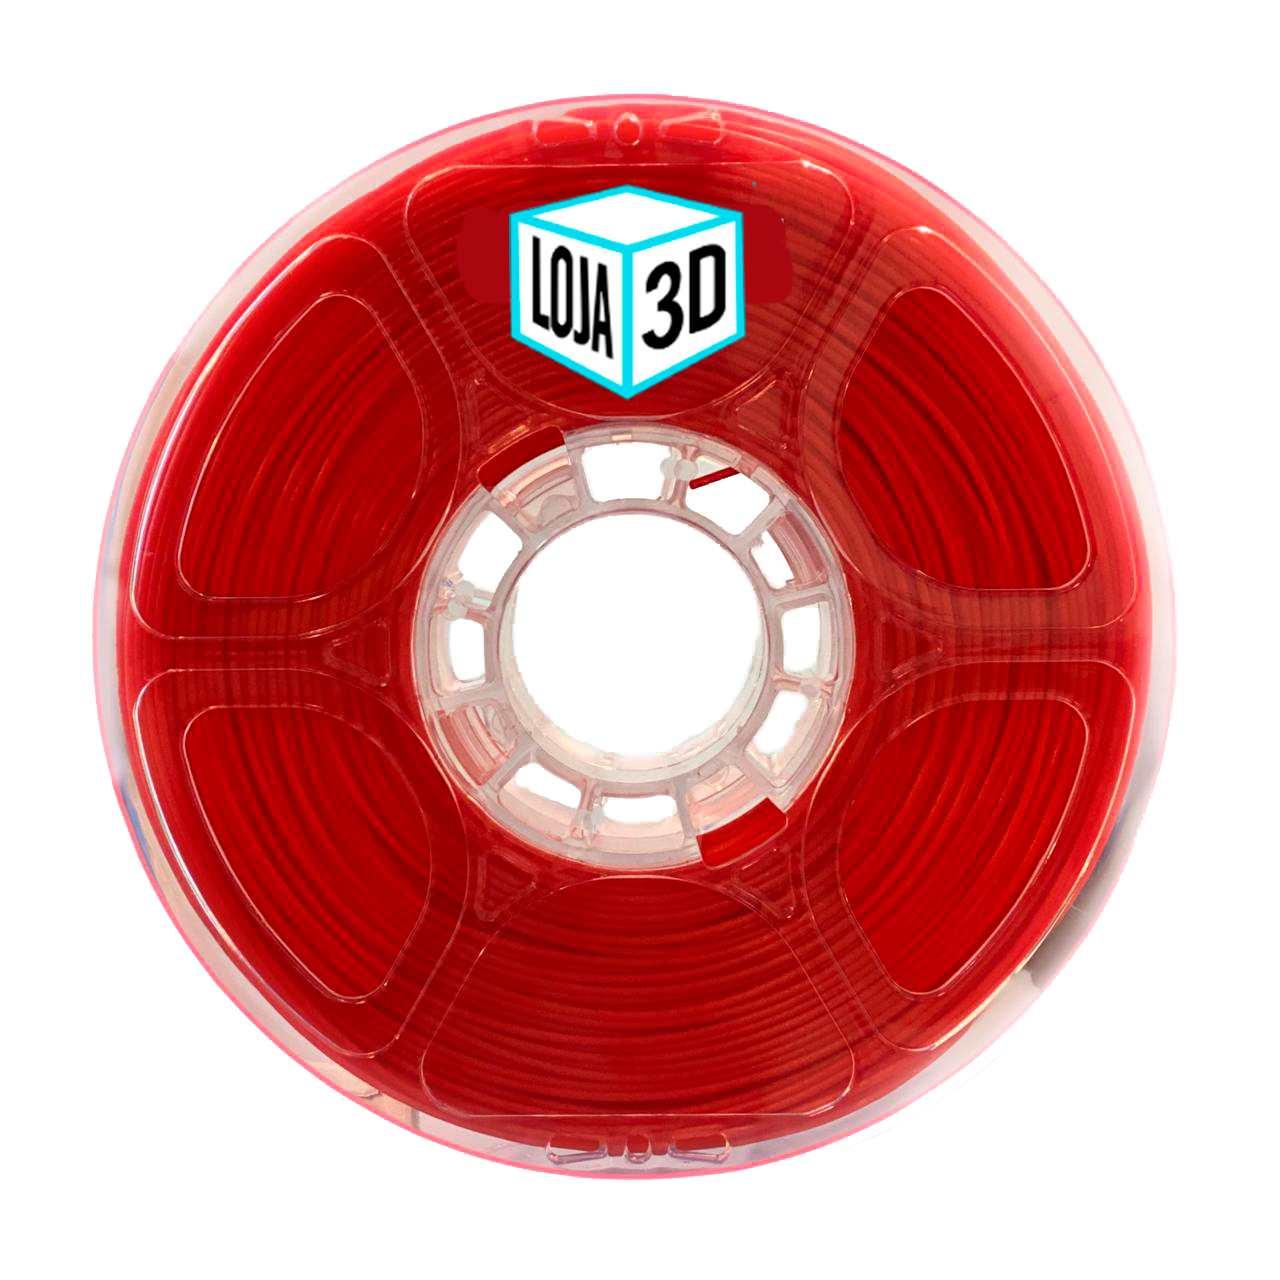 Filamento PLA Pro de Alta Resistência - Vermelho - Loja 3D - 1.75mm - 1kg